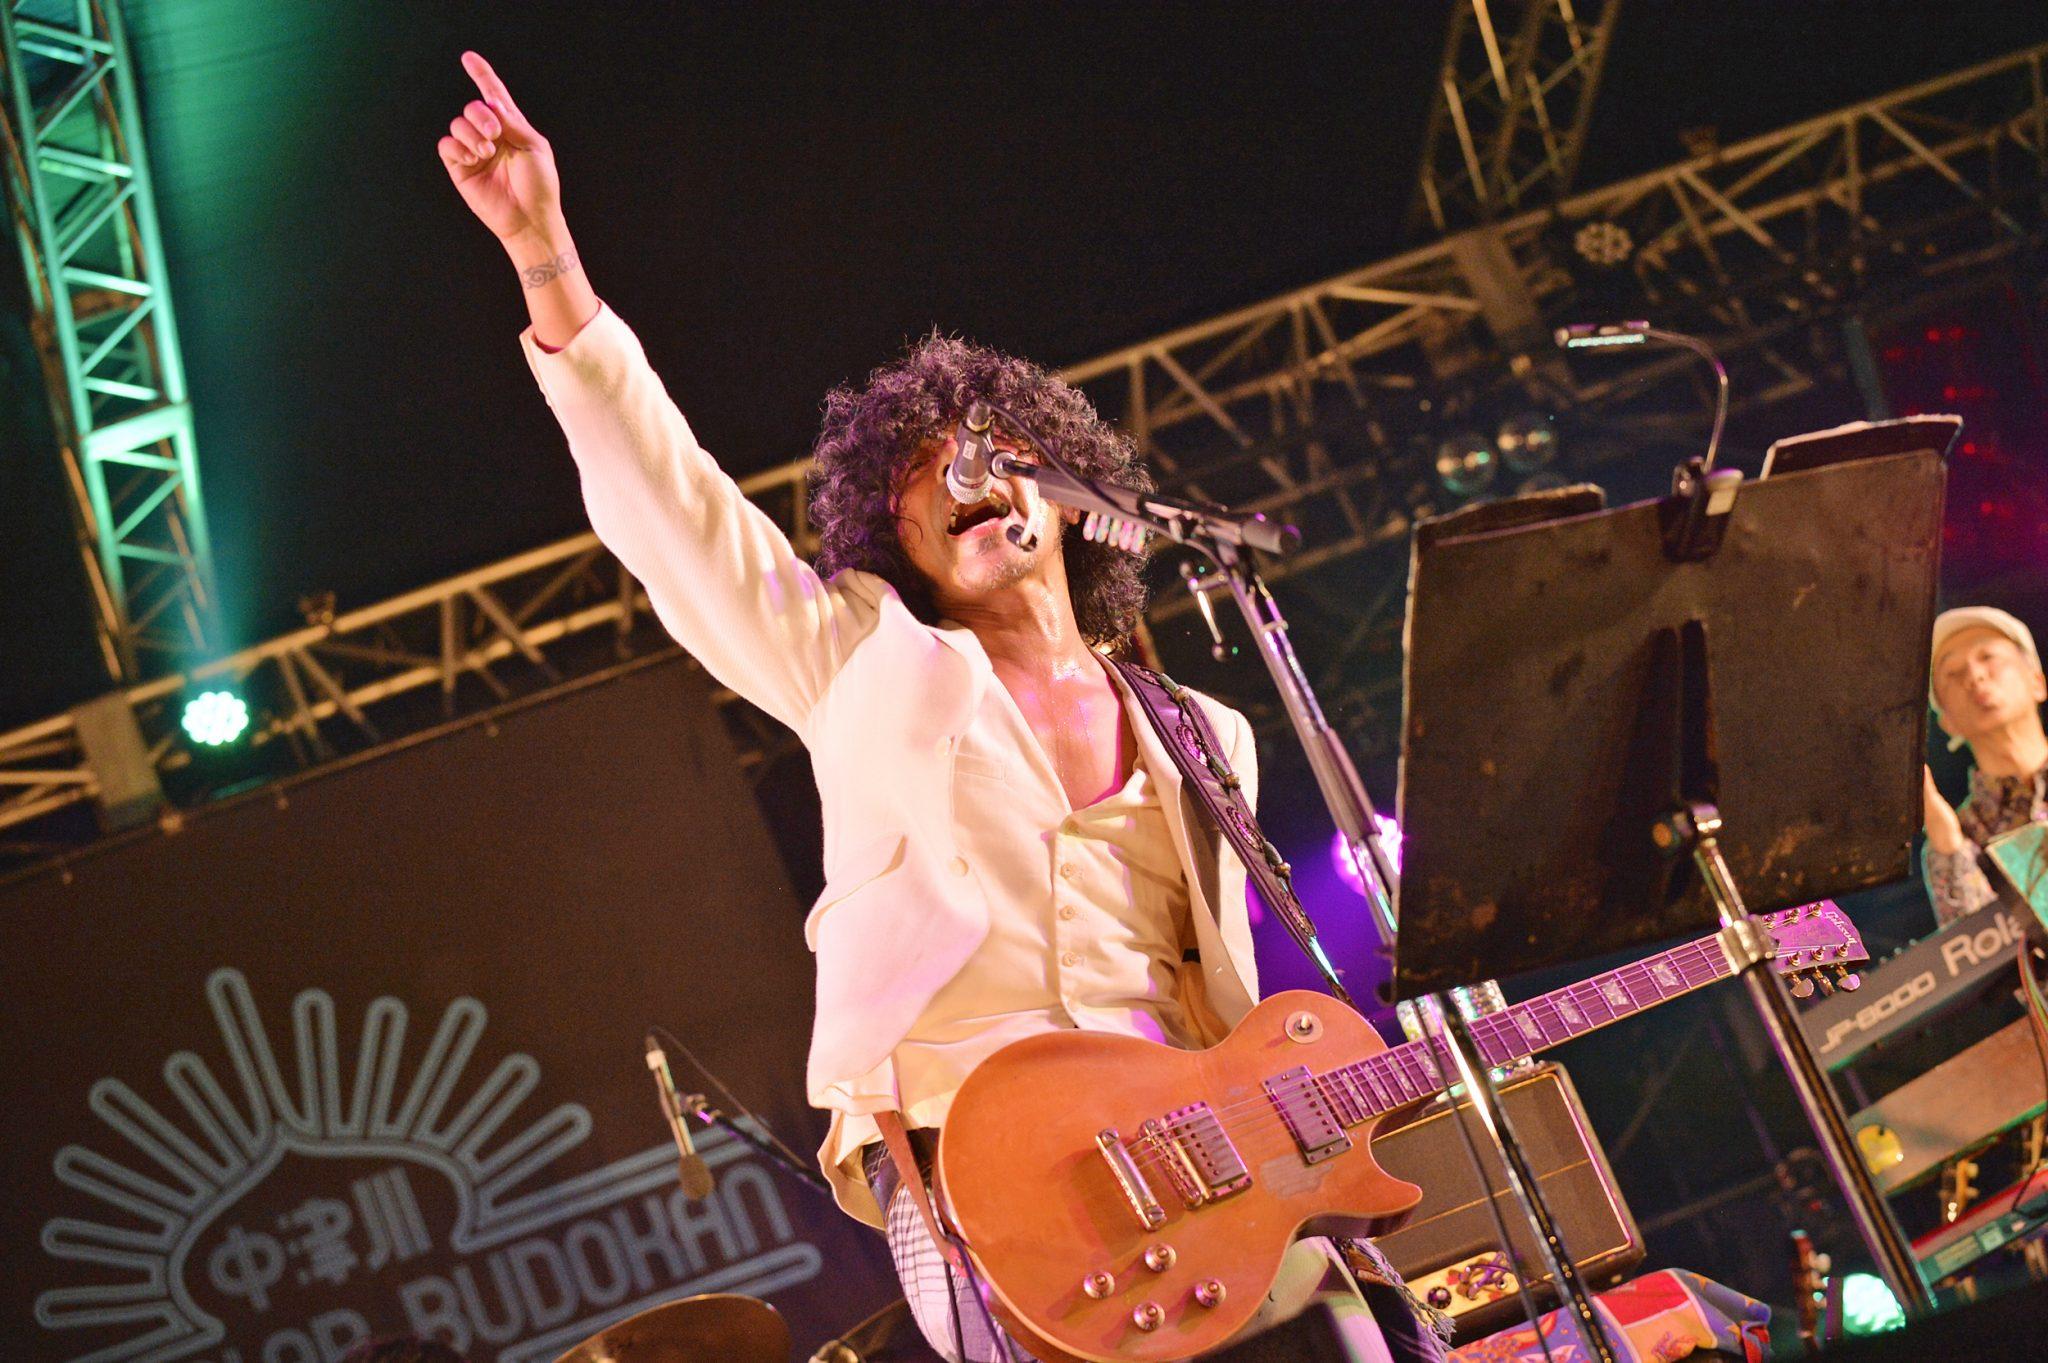 『阿波国 THE SOLARBUDOKAN』徳島にて開催決定!!オーガナイザーの佐藤タイジさんにインタビューしてきました!